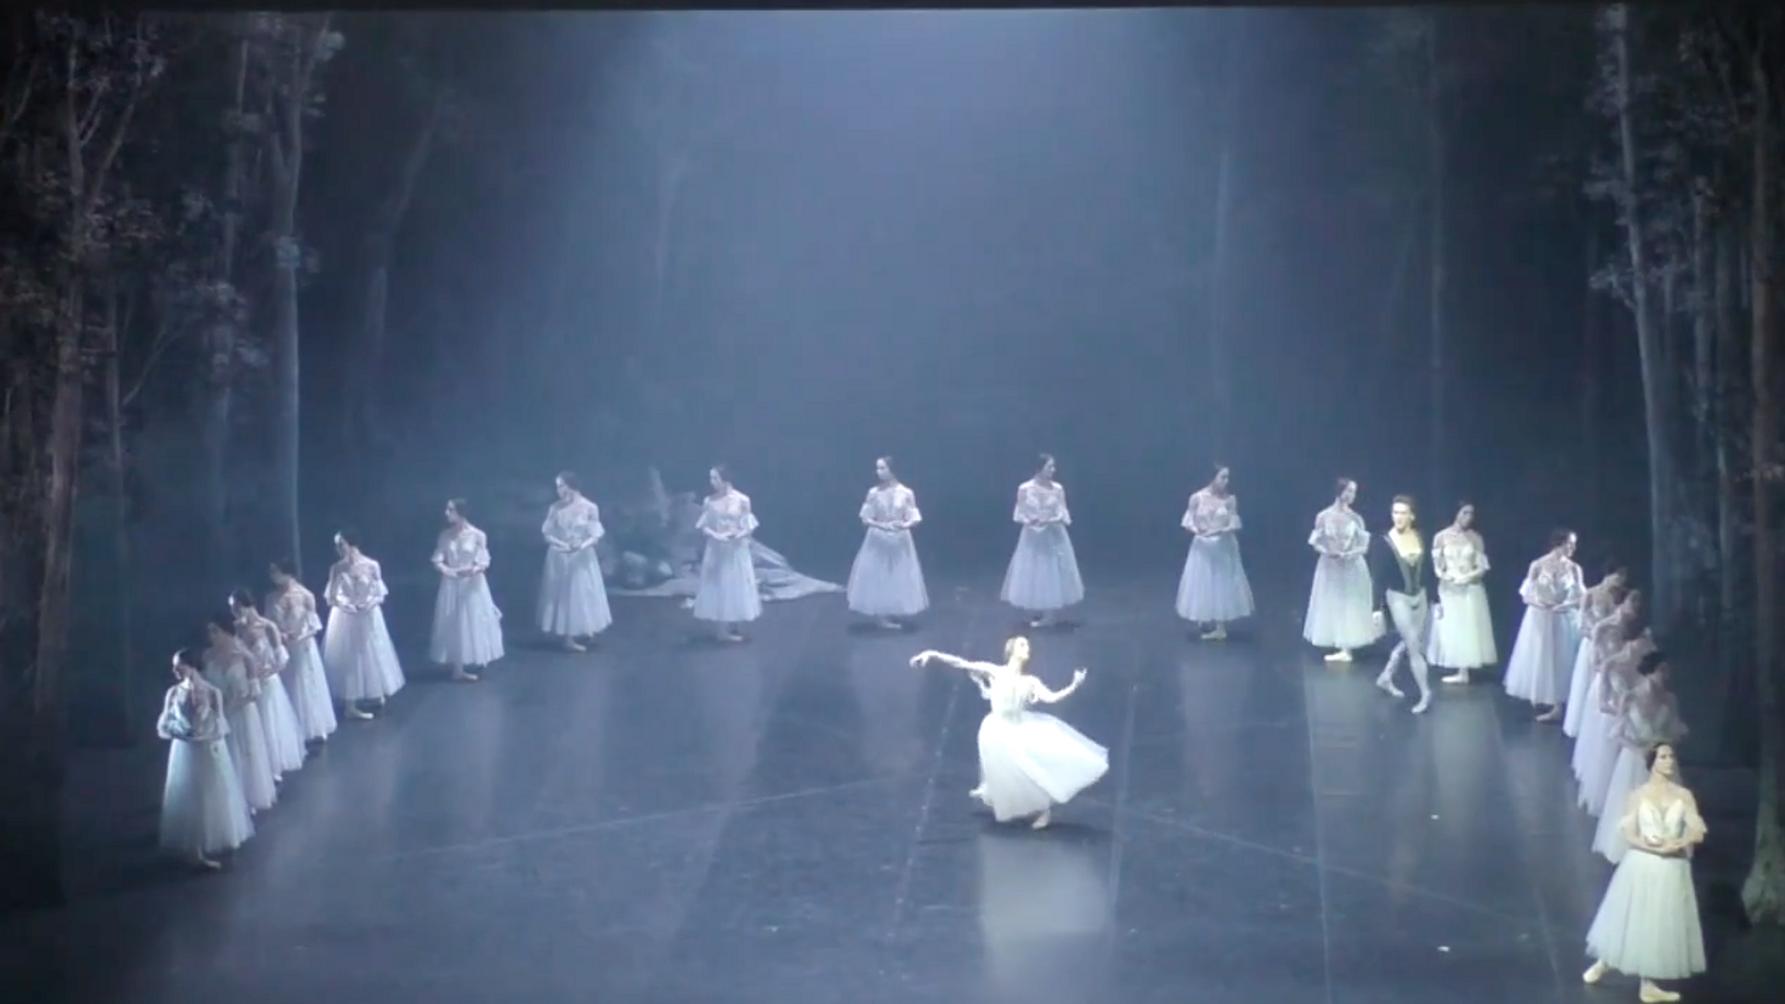 Giselle, Staatsballett Berlin, Ksenia Ovsyanick